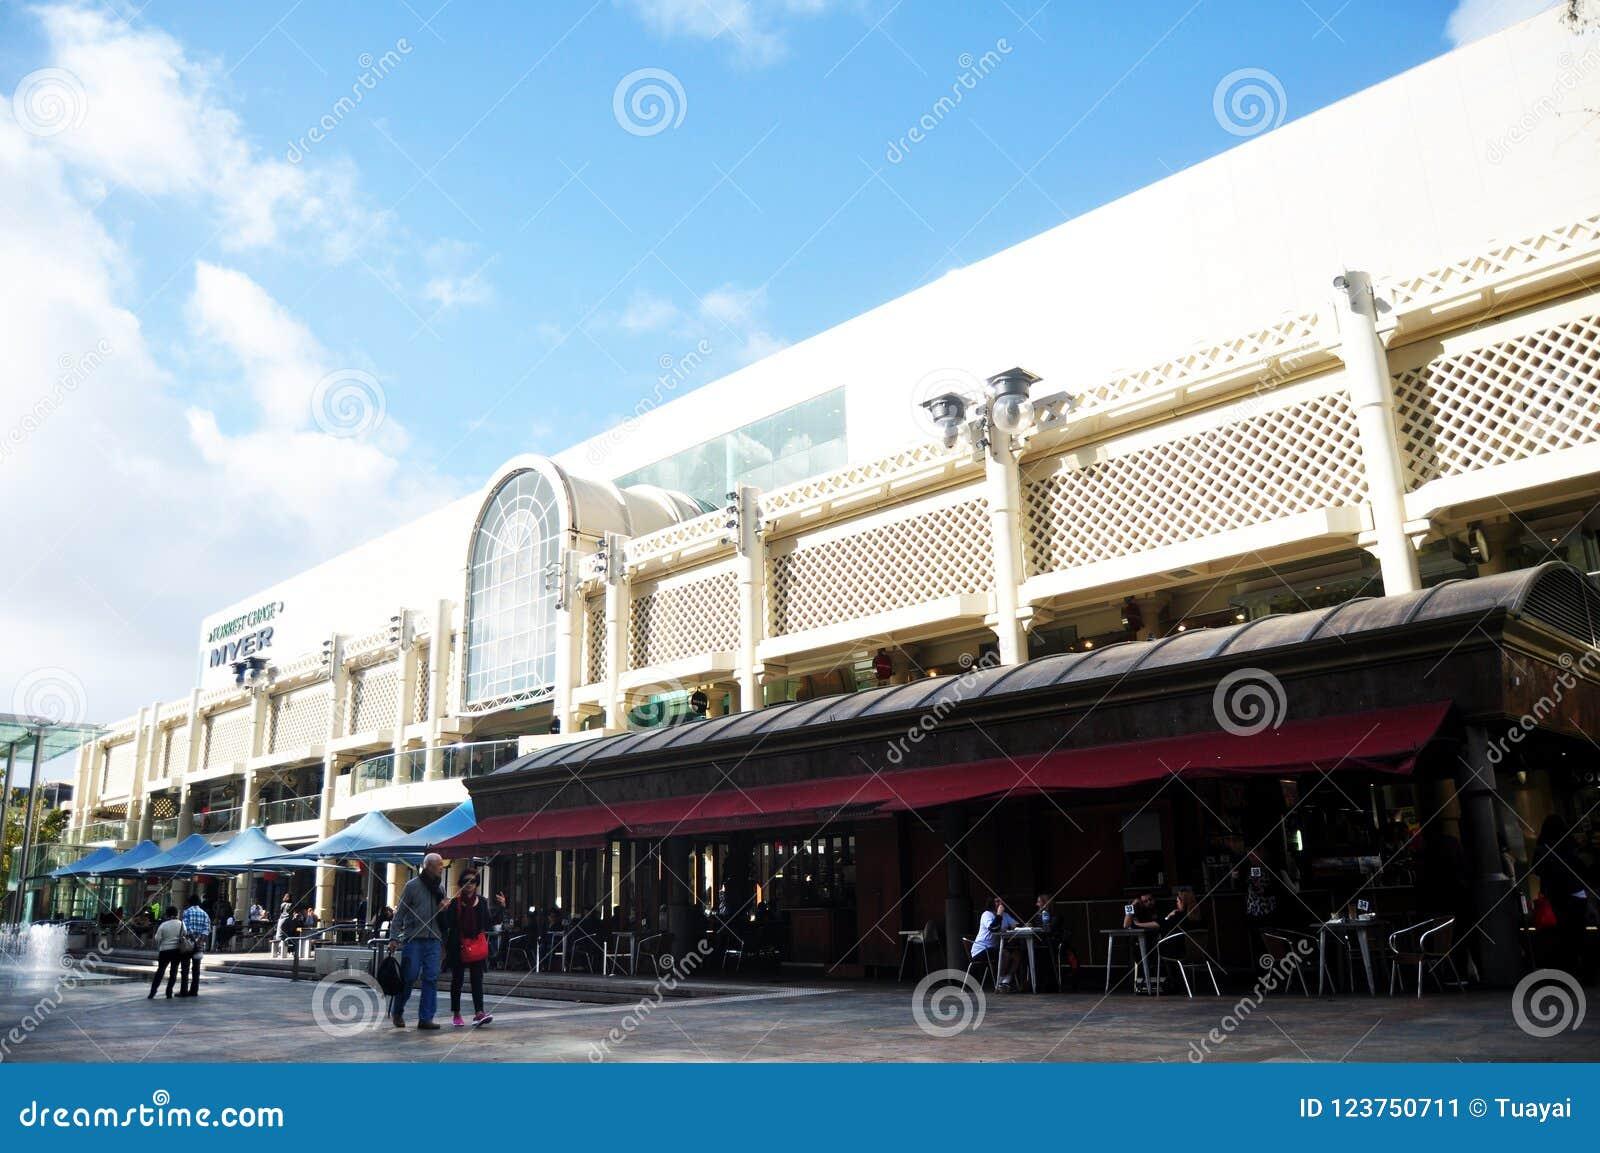 La gente visitó viaje y compras en Myer City Store en Perth, Australia